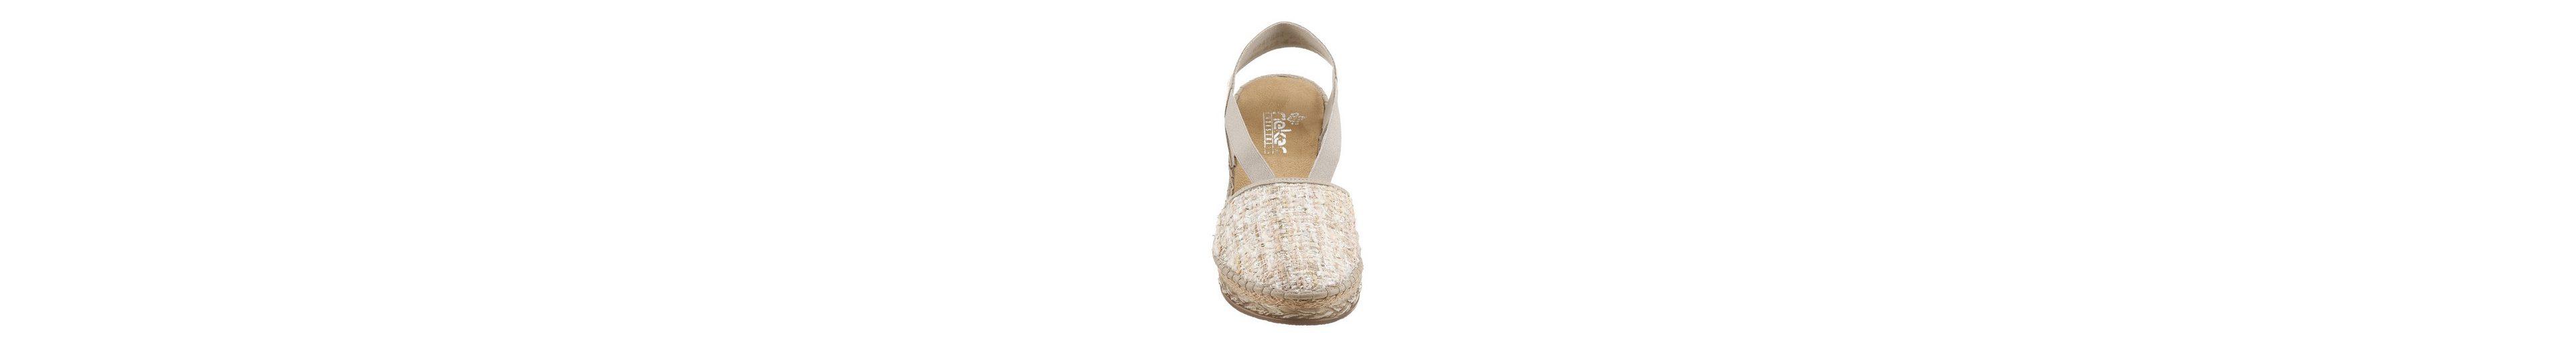 Rieker Sandalette Perfekte Online Hohe Qualität Online Kaufen HZ7XZVNJe